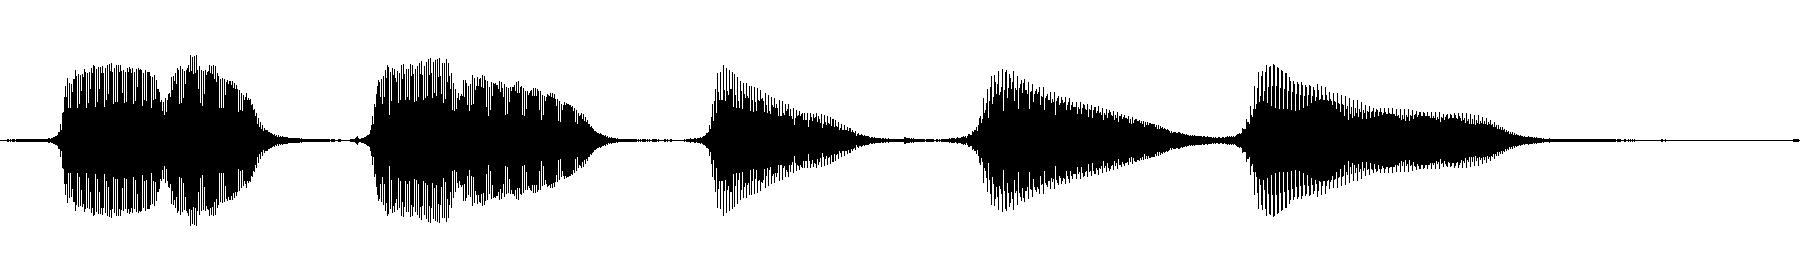 118 saxophone loop g